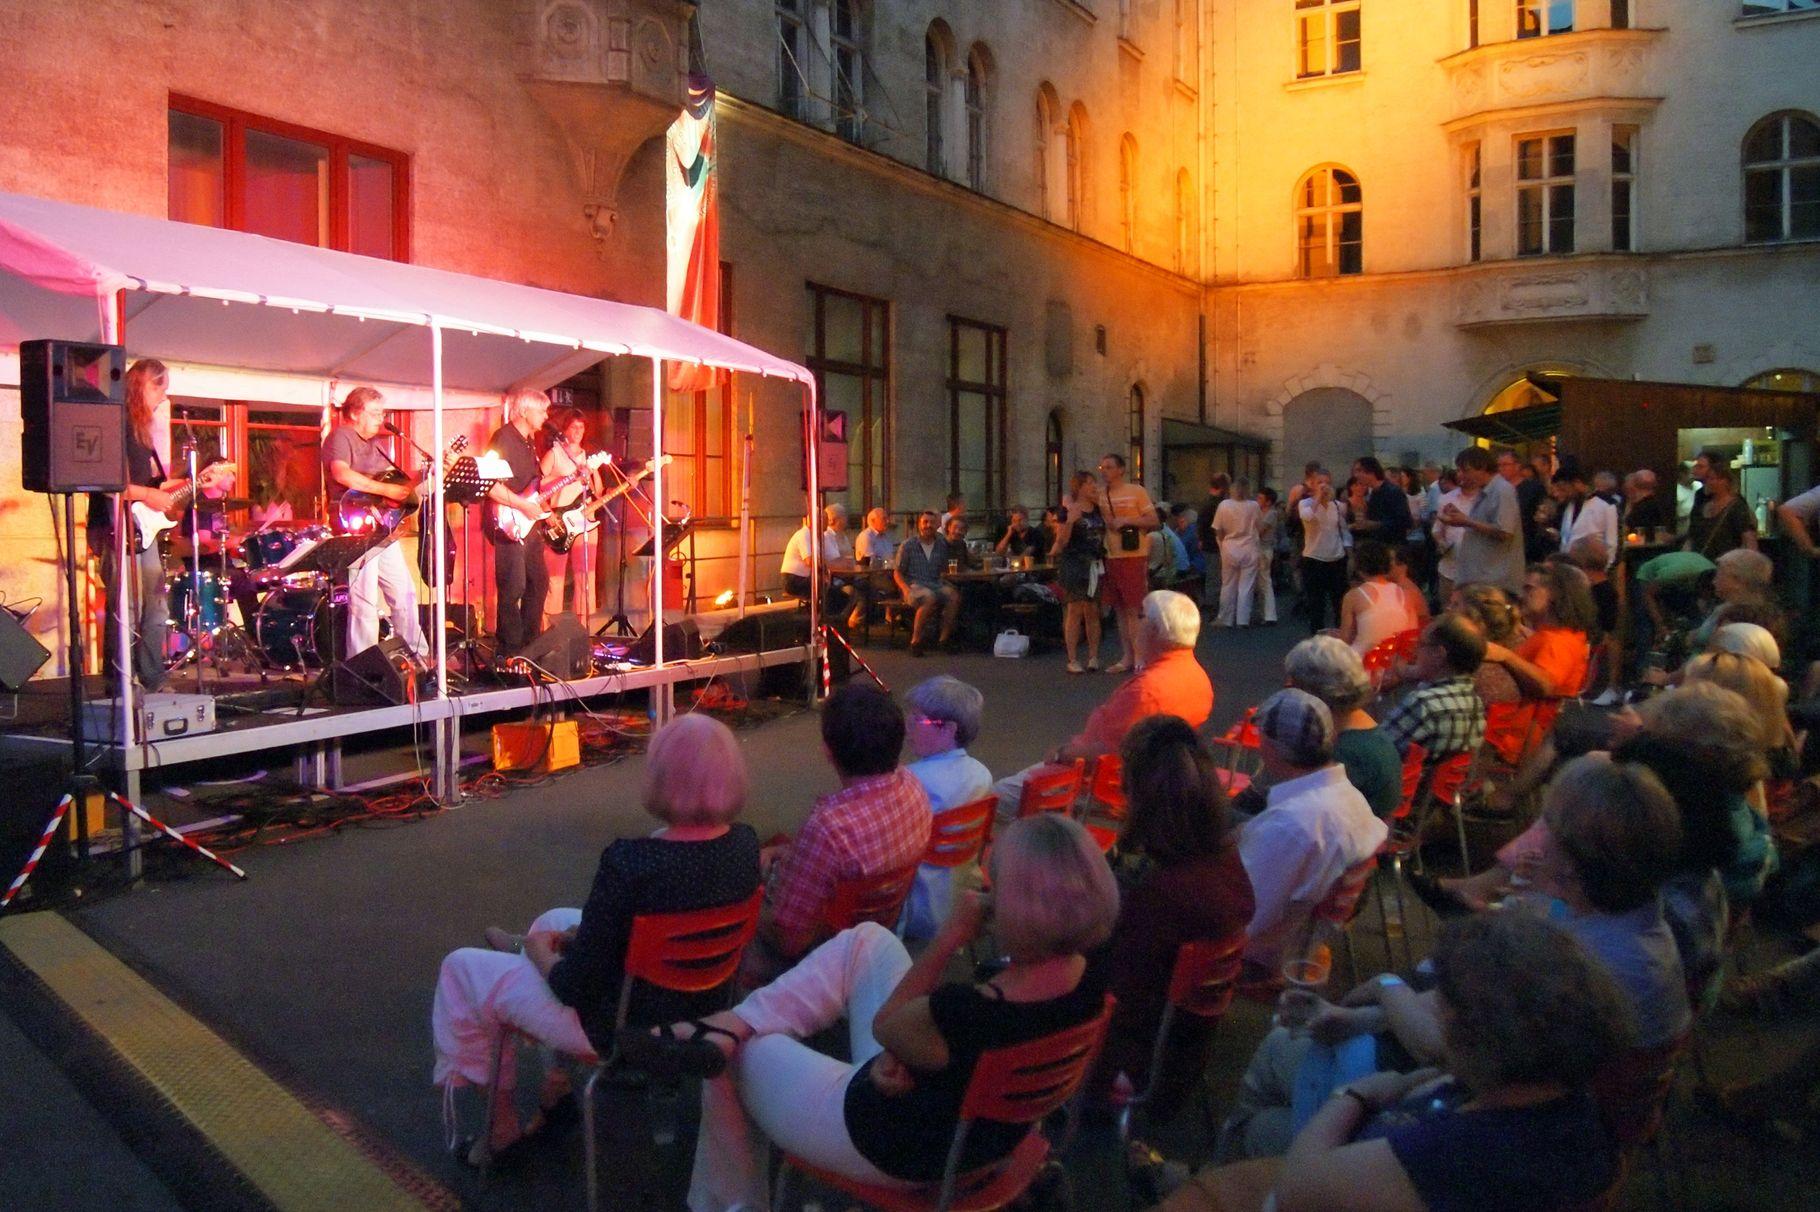 Konzerte im Bürgerhof 21.06.2012 - Freiwilligen-Zentrum Augsburg - Foto: Robert Hösle